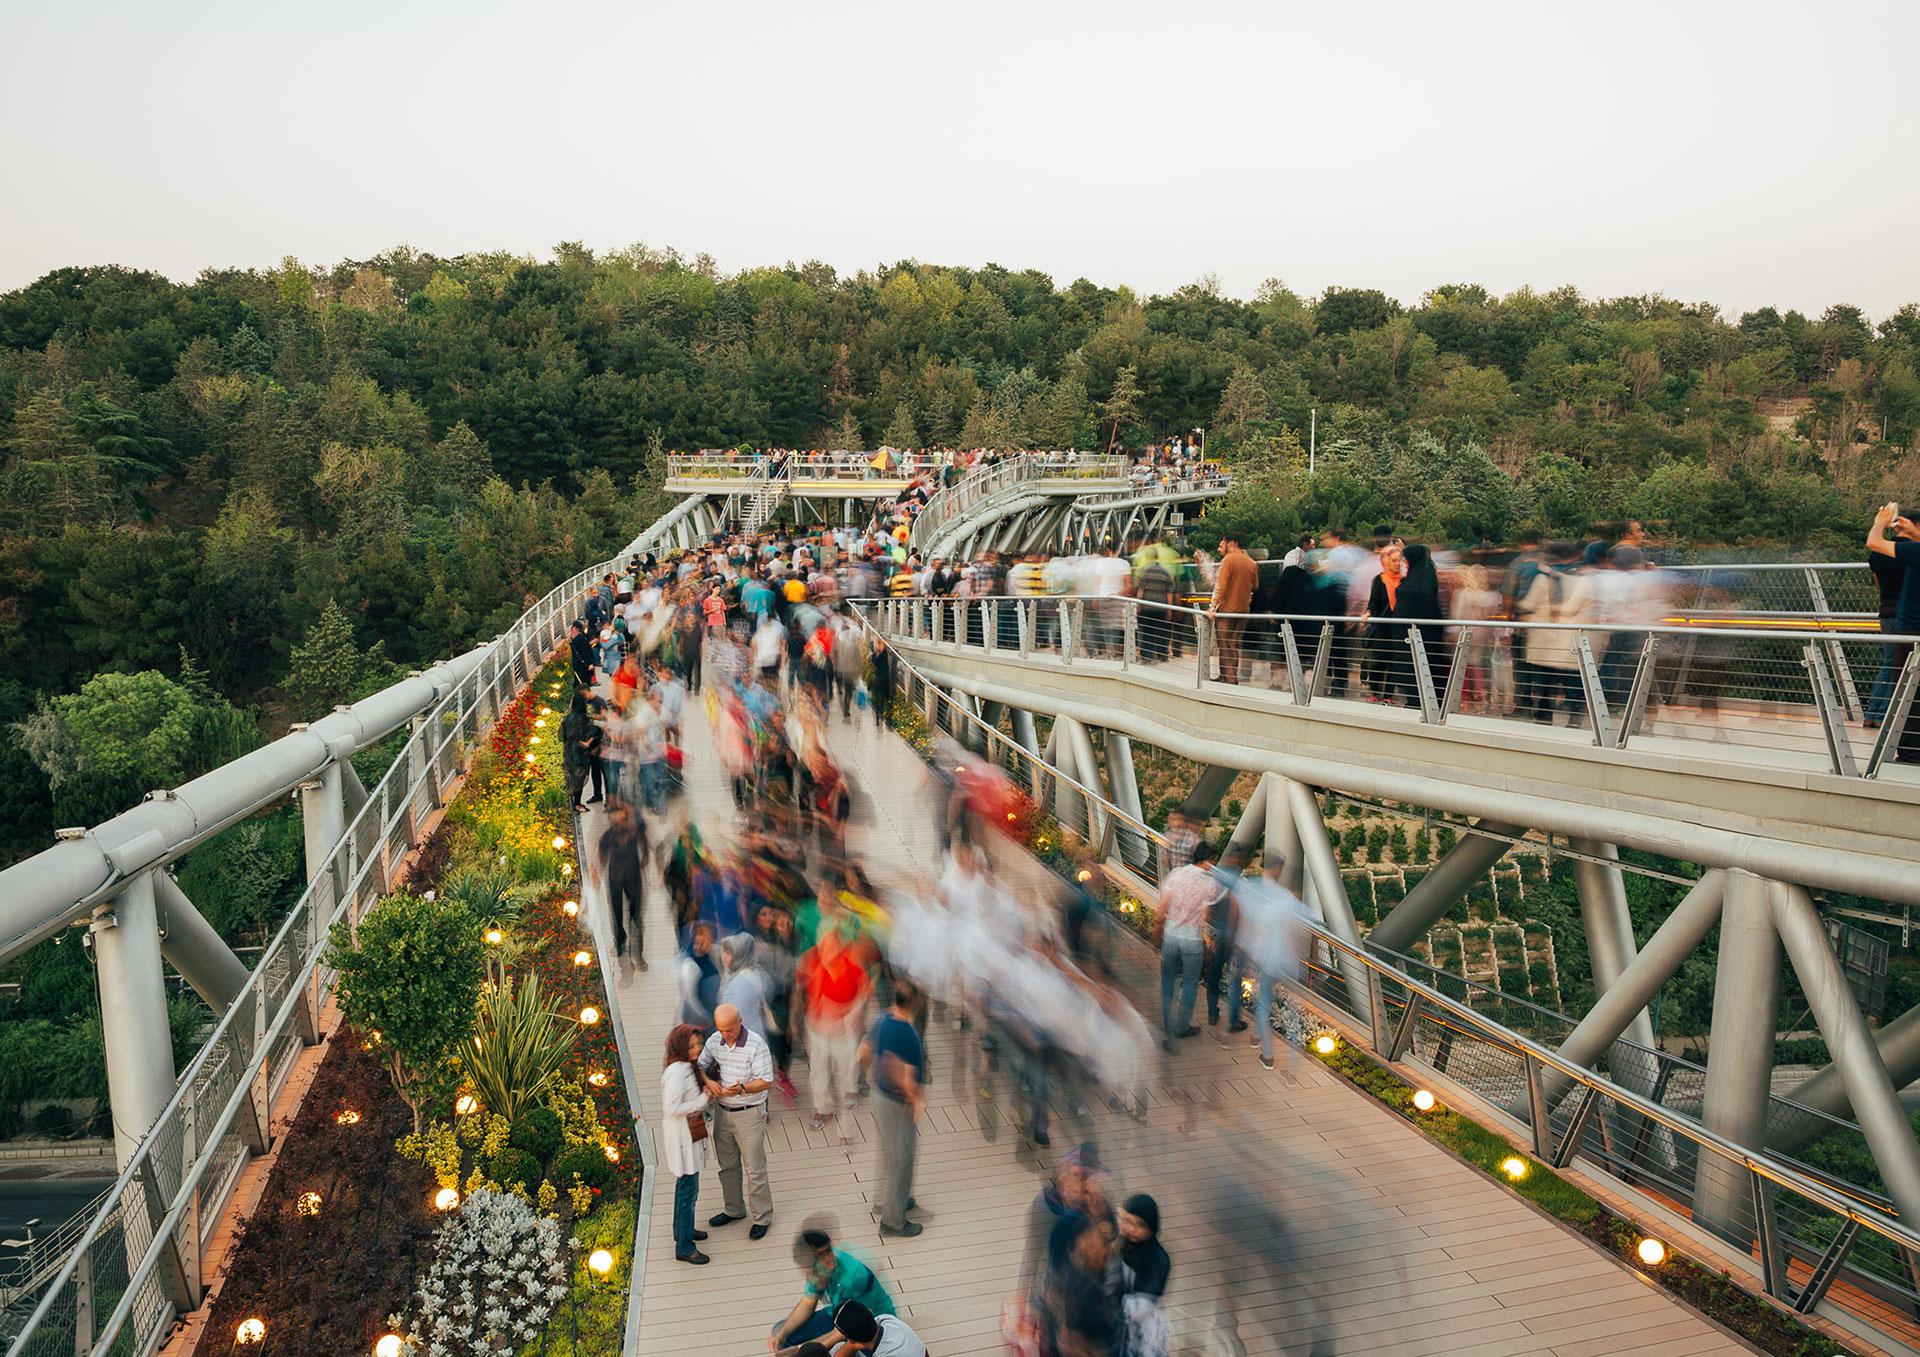 پل طبیعت به عنوان فضای شهری عمومی